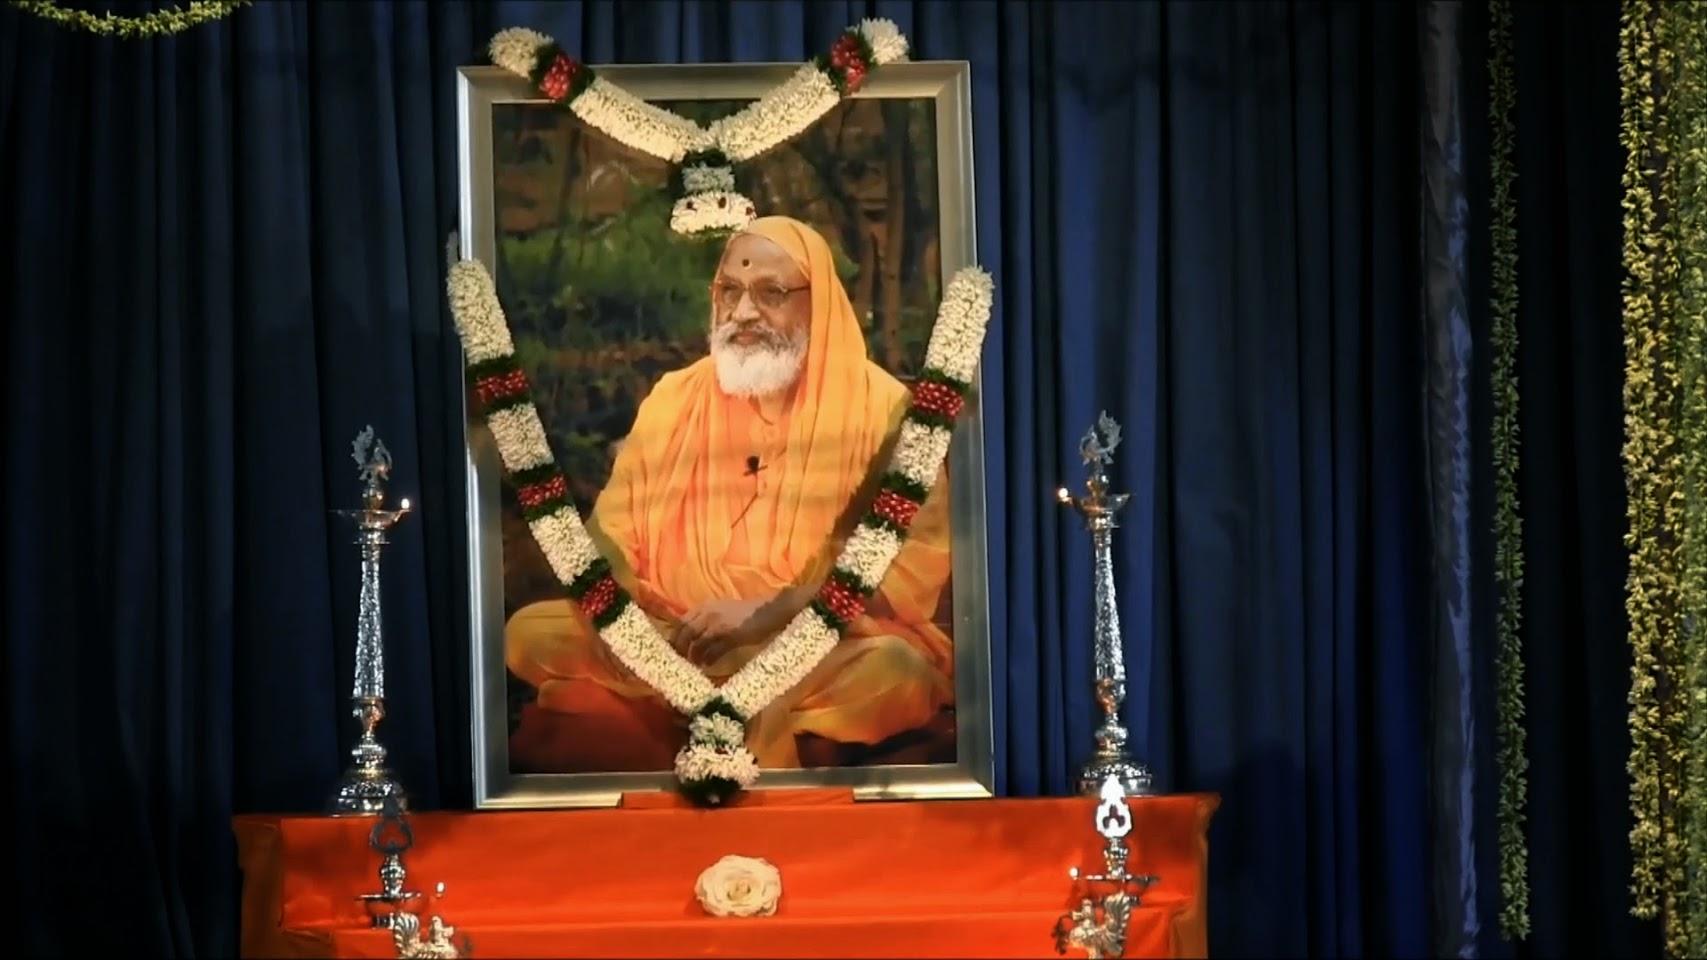 3rd Mahasamadhi Aradhana of Pujya Sri Swami Dayananda Saraswati